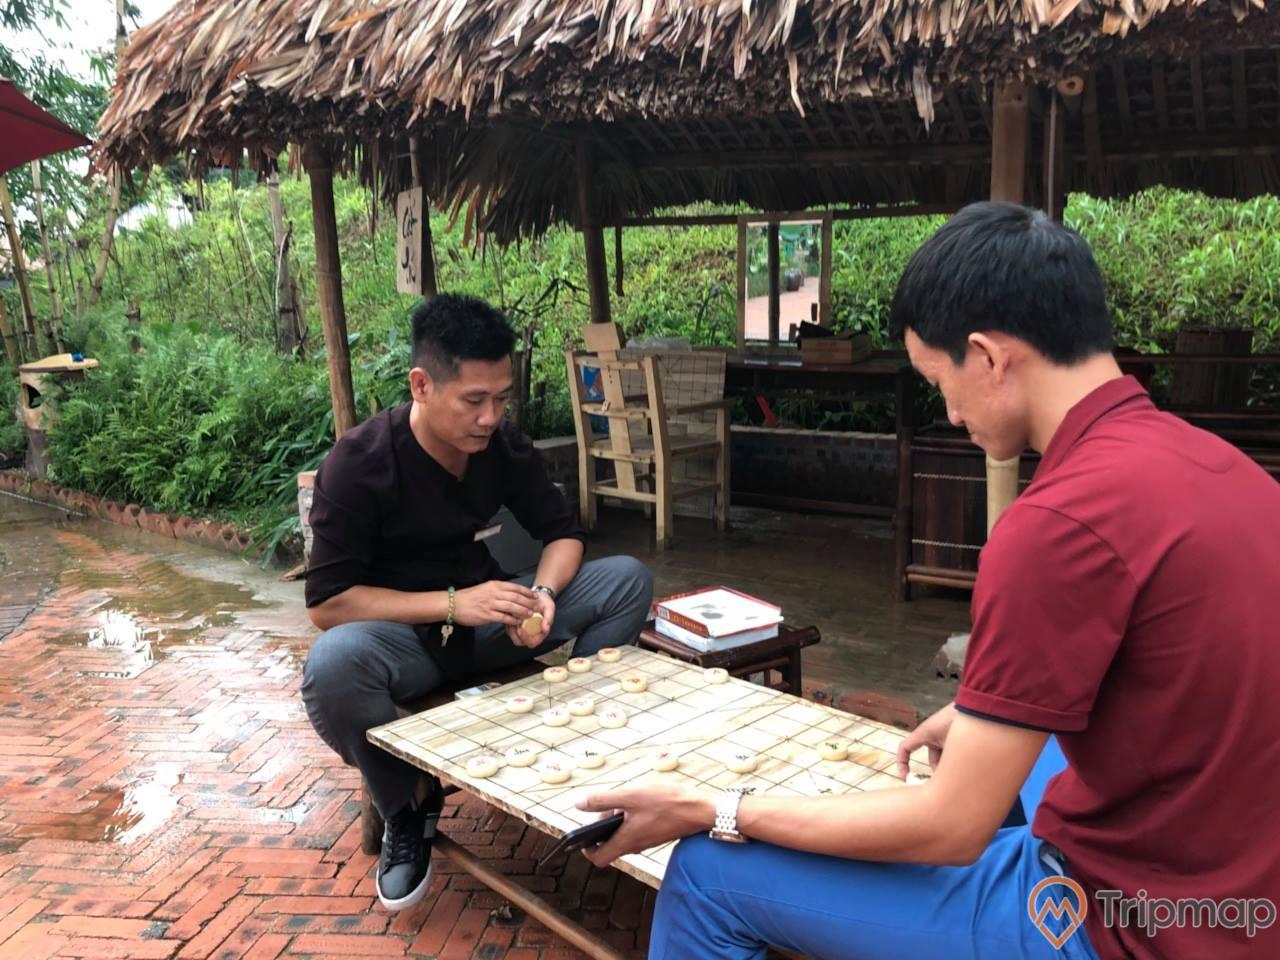 Ngoài ra, du khách cũng có thể chơi các trò chơi trí tuệ, dân gian tại đây